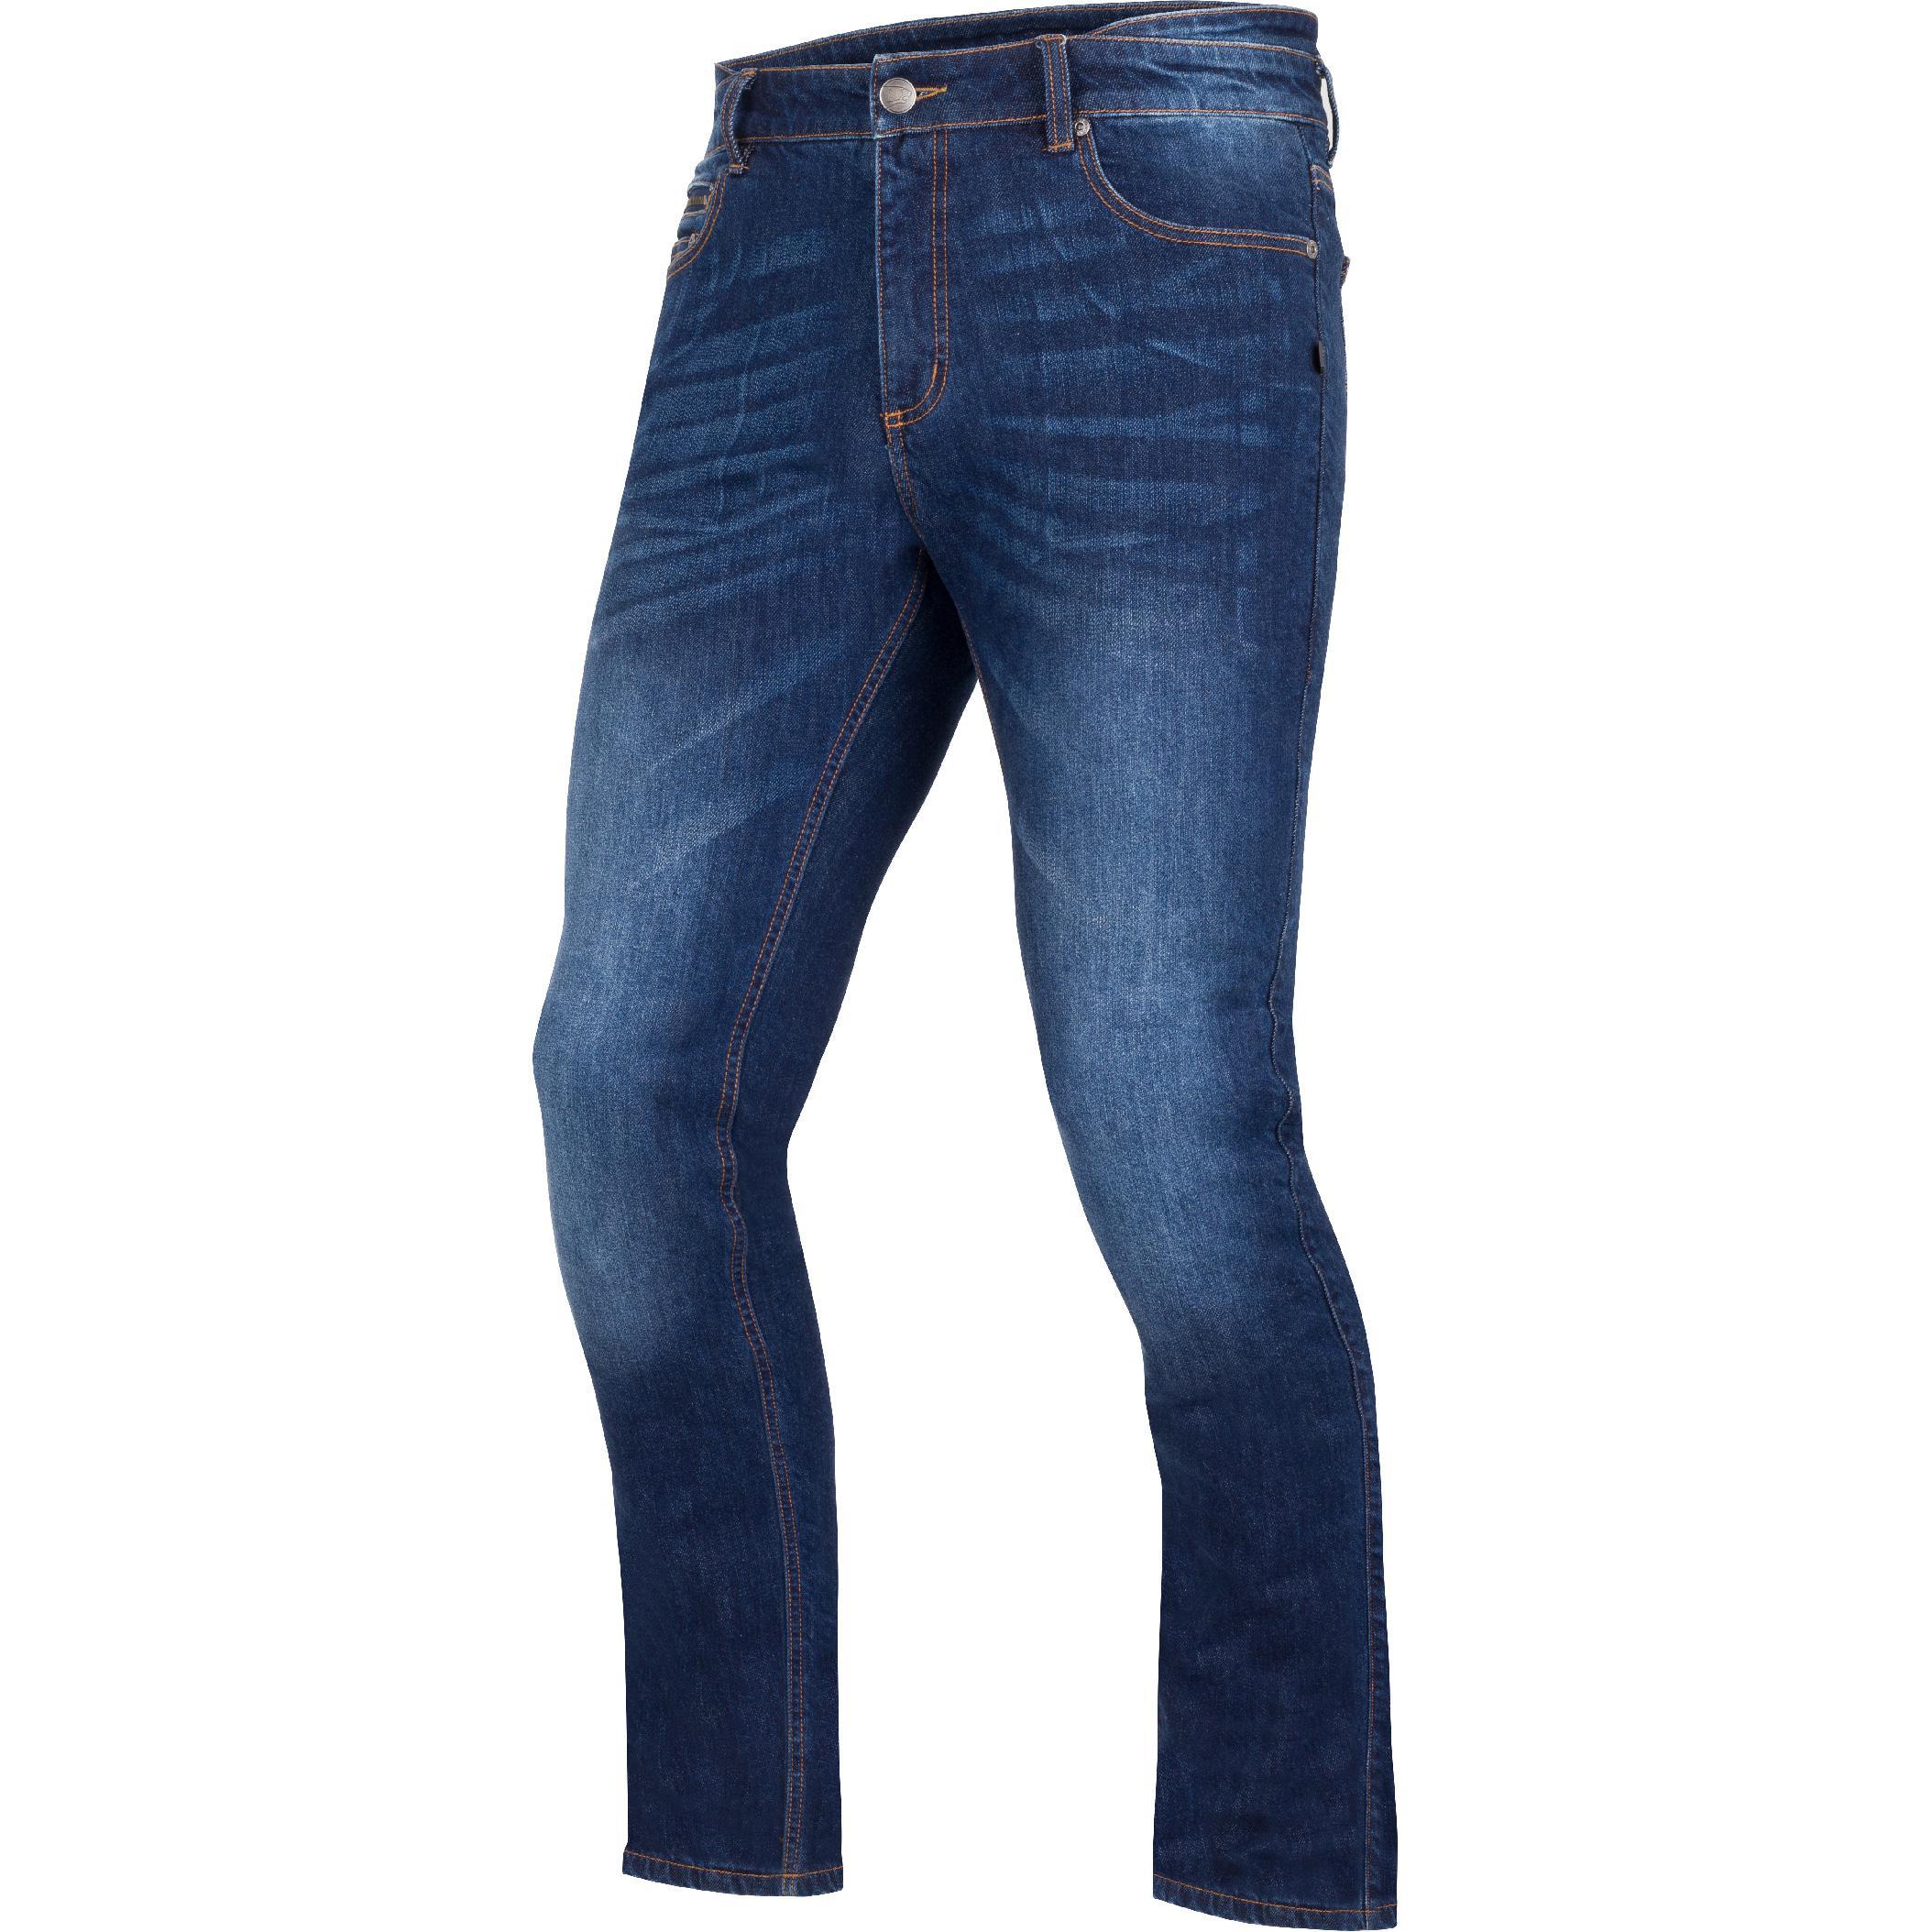 Pantalon MARLOW BERING